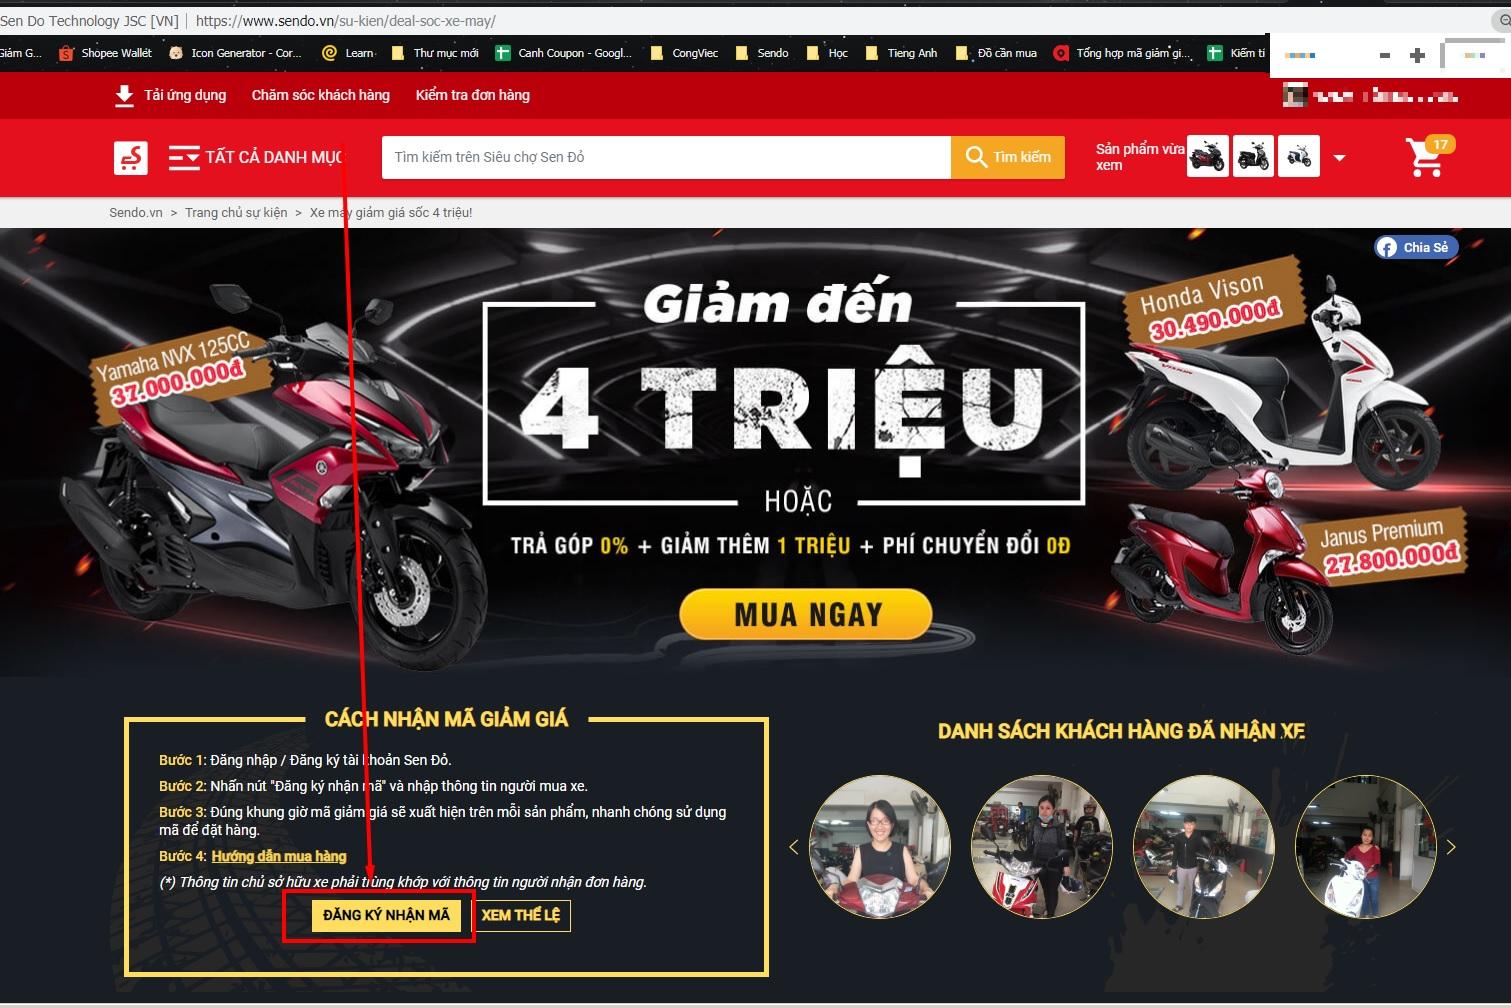 Hướng dẫn mua xe máy online trên Sendo cùng mã giảm giá